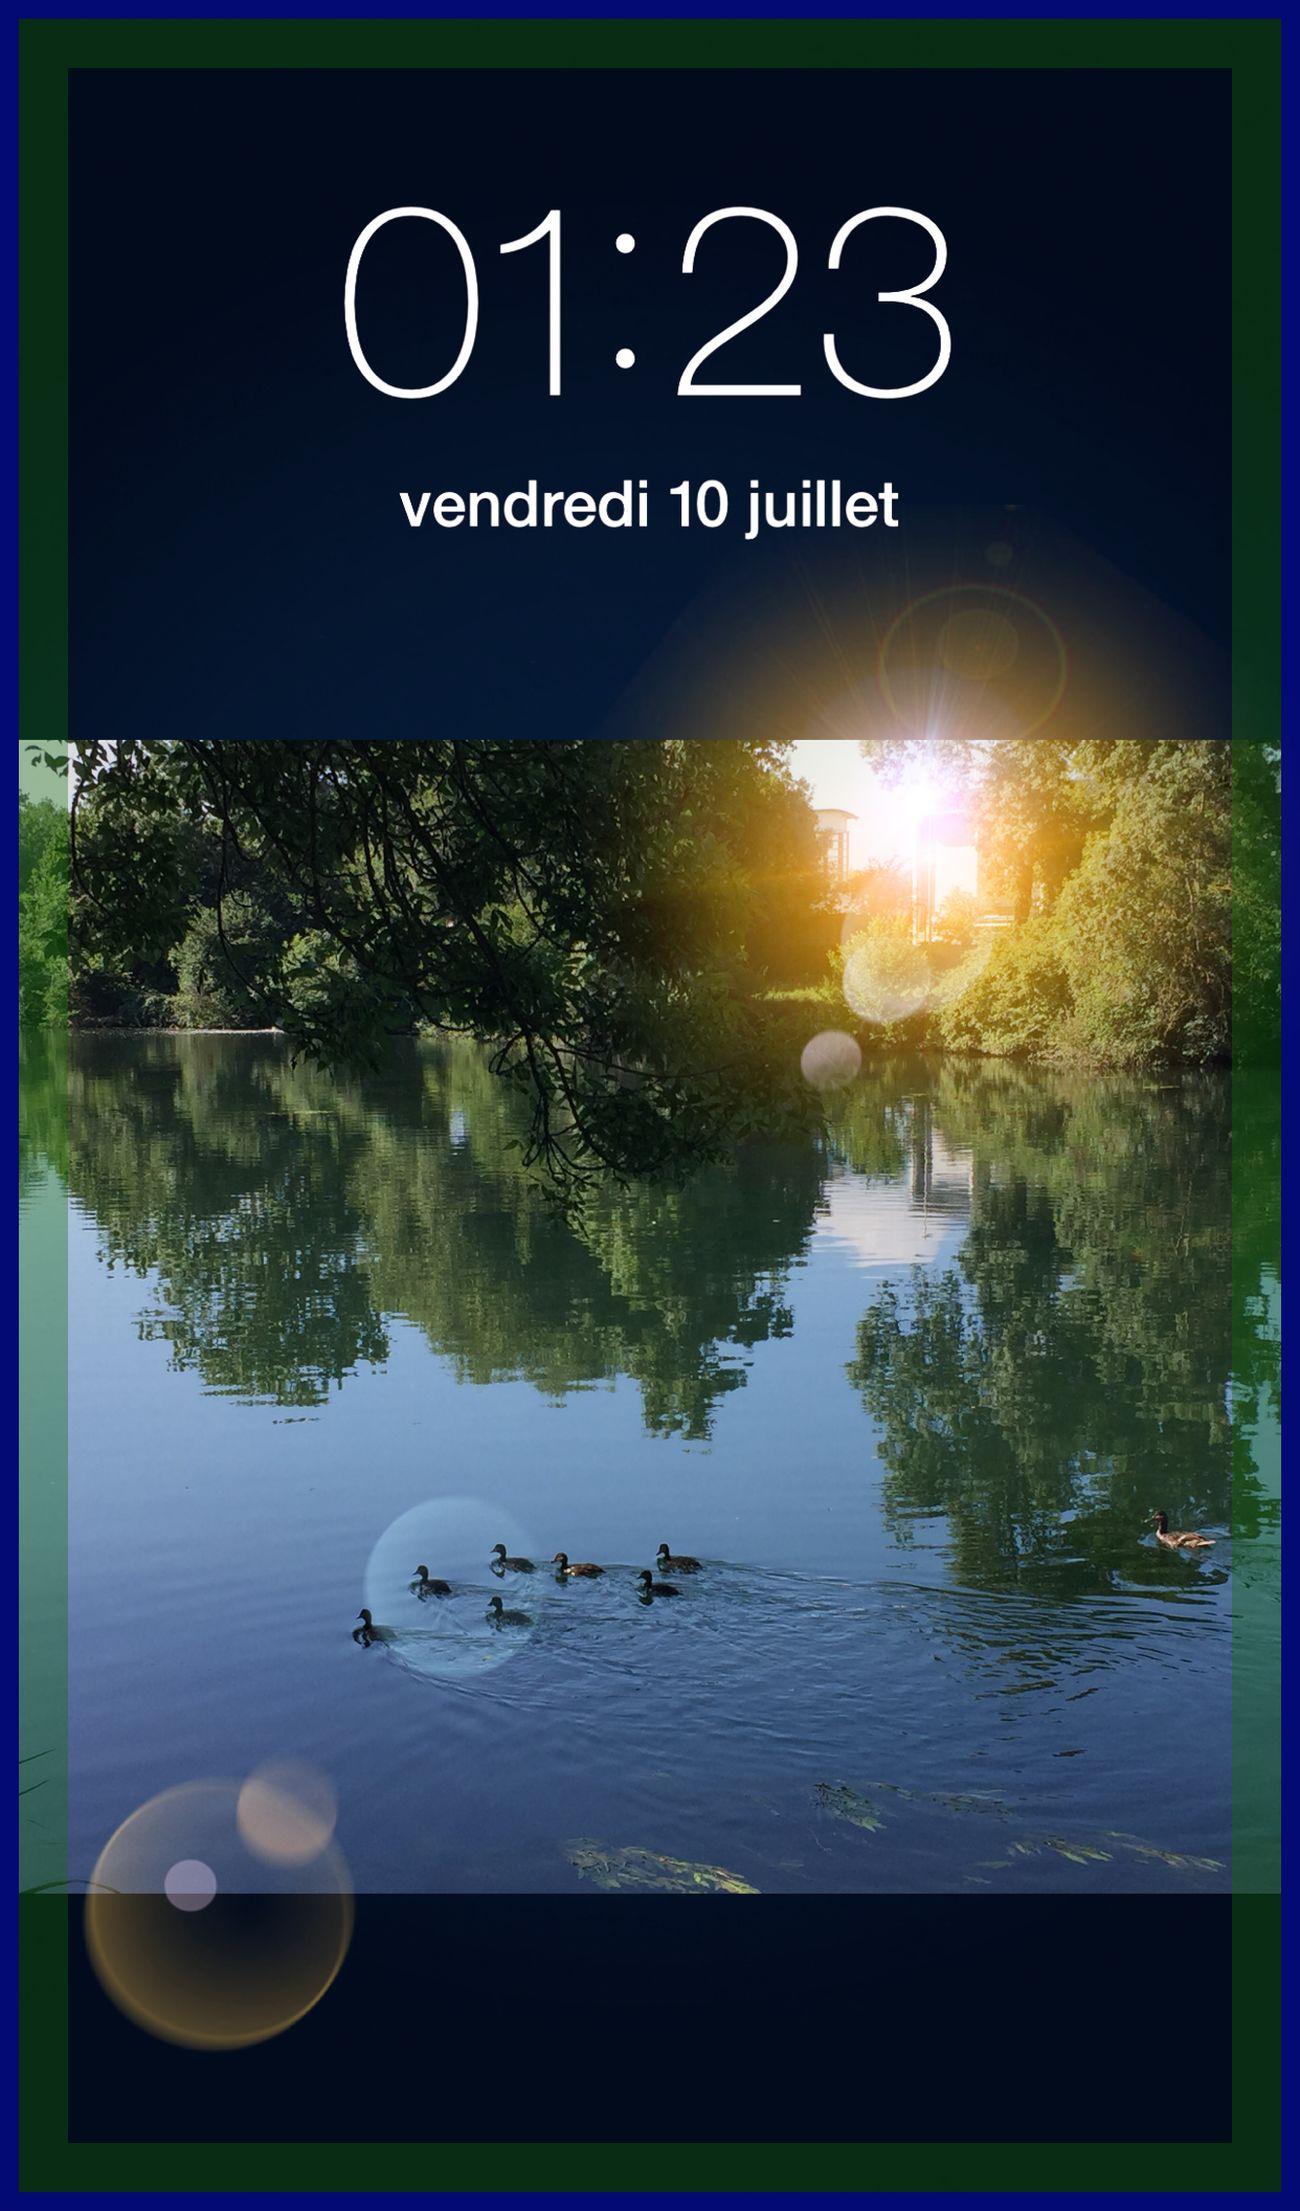 01:23... LE TEMPS PASSE OU LES CHOSES CHANGENT ??? HEURE POLARIS Time Hour Heure Philosophie